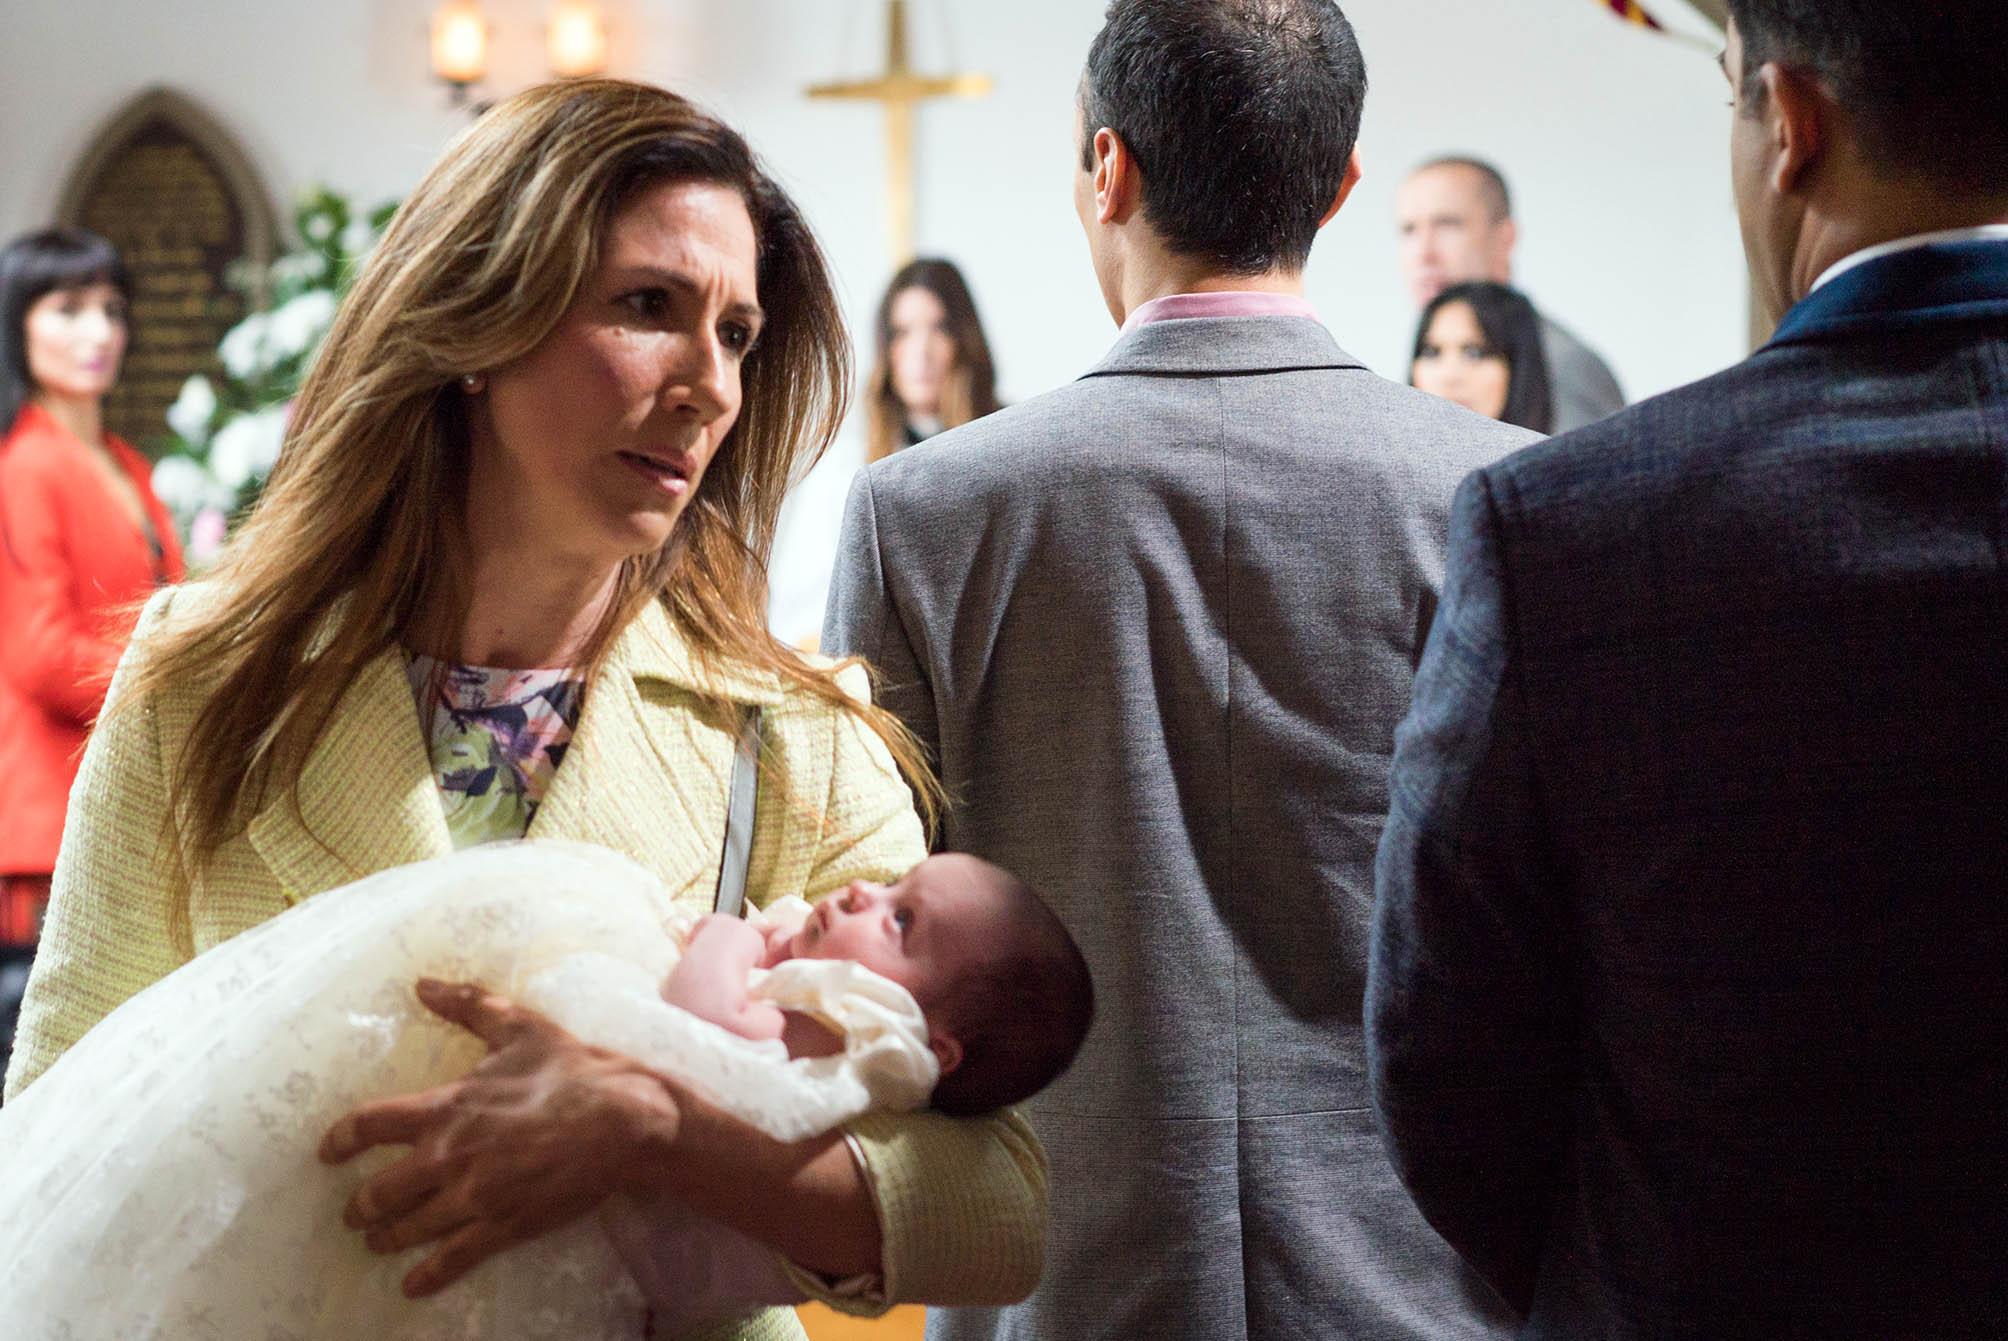 Emmerdale spoilers: Christening nightmare for Megan Macey